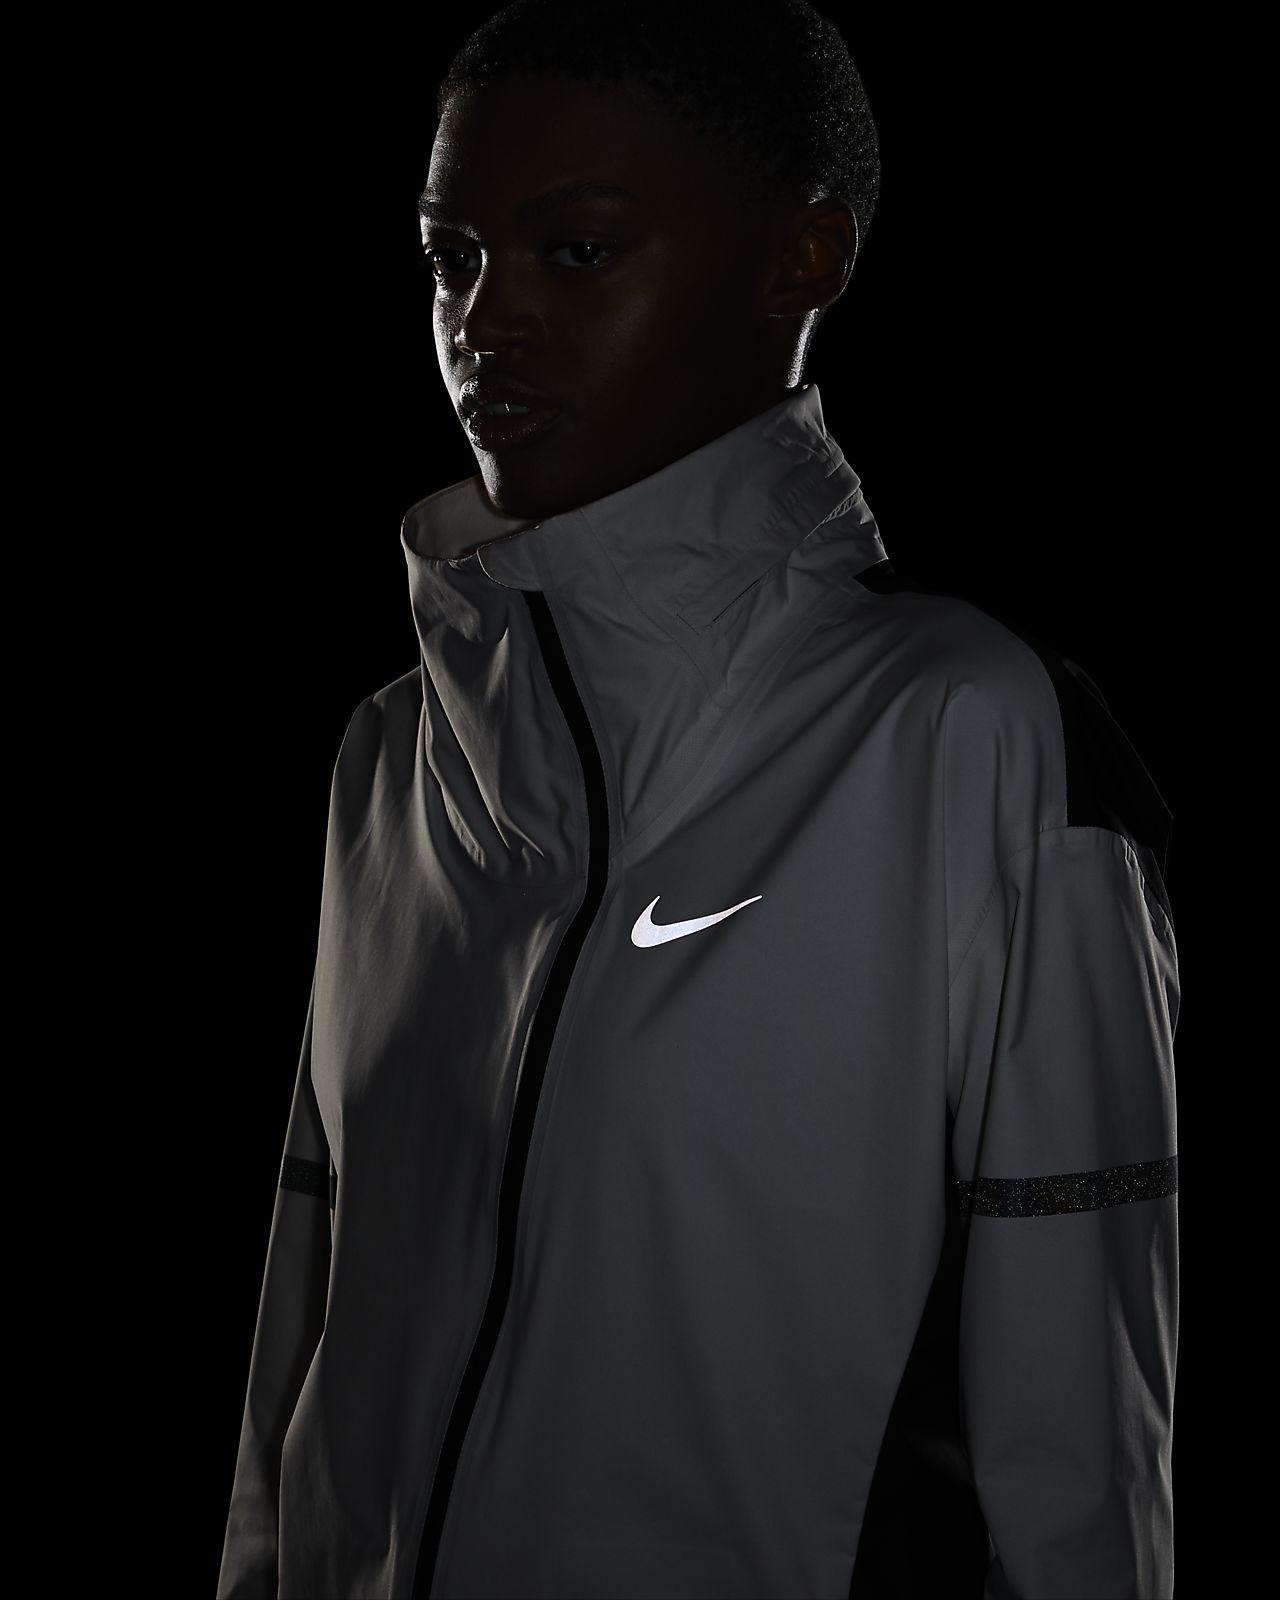 Veste Nike AeroShield NoirNoir réfléchissantNoir